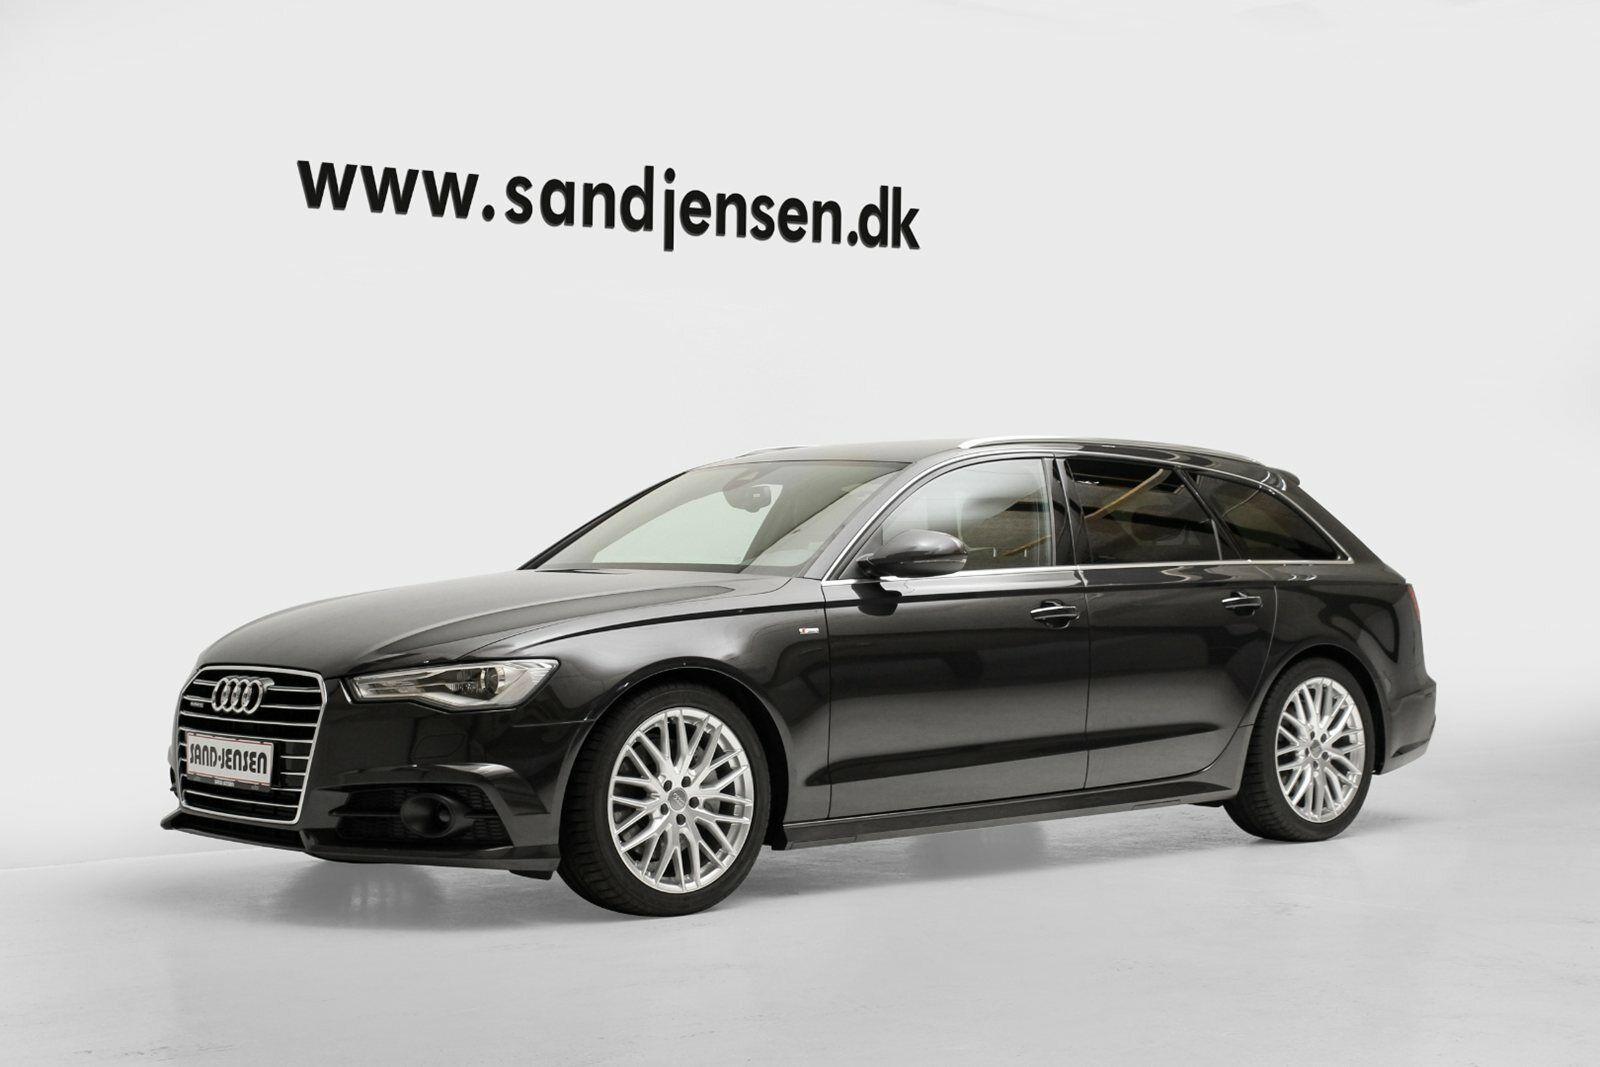 Audi A6 3,0 TDi 272 Avant quattro S-tr. 5d - 569.900 kr.